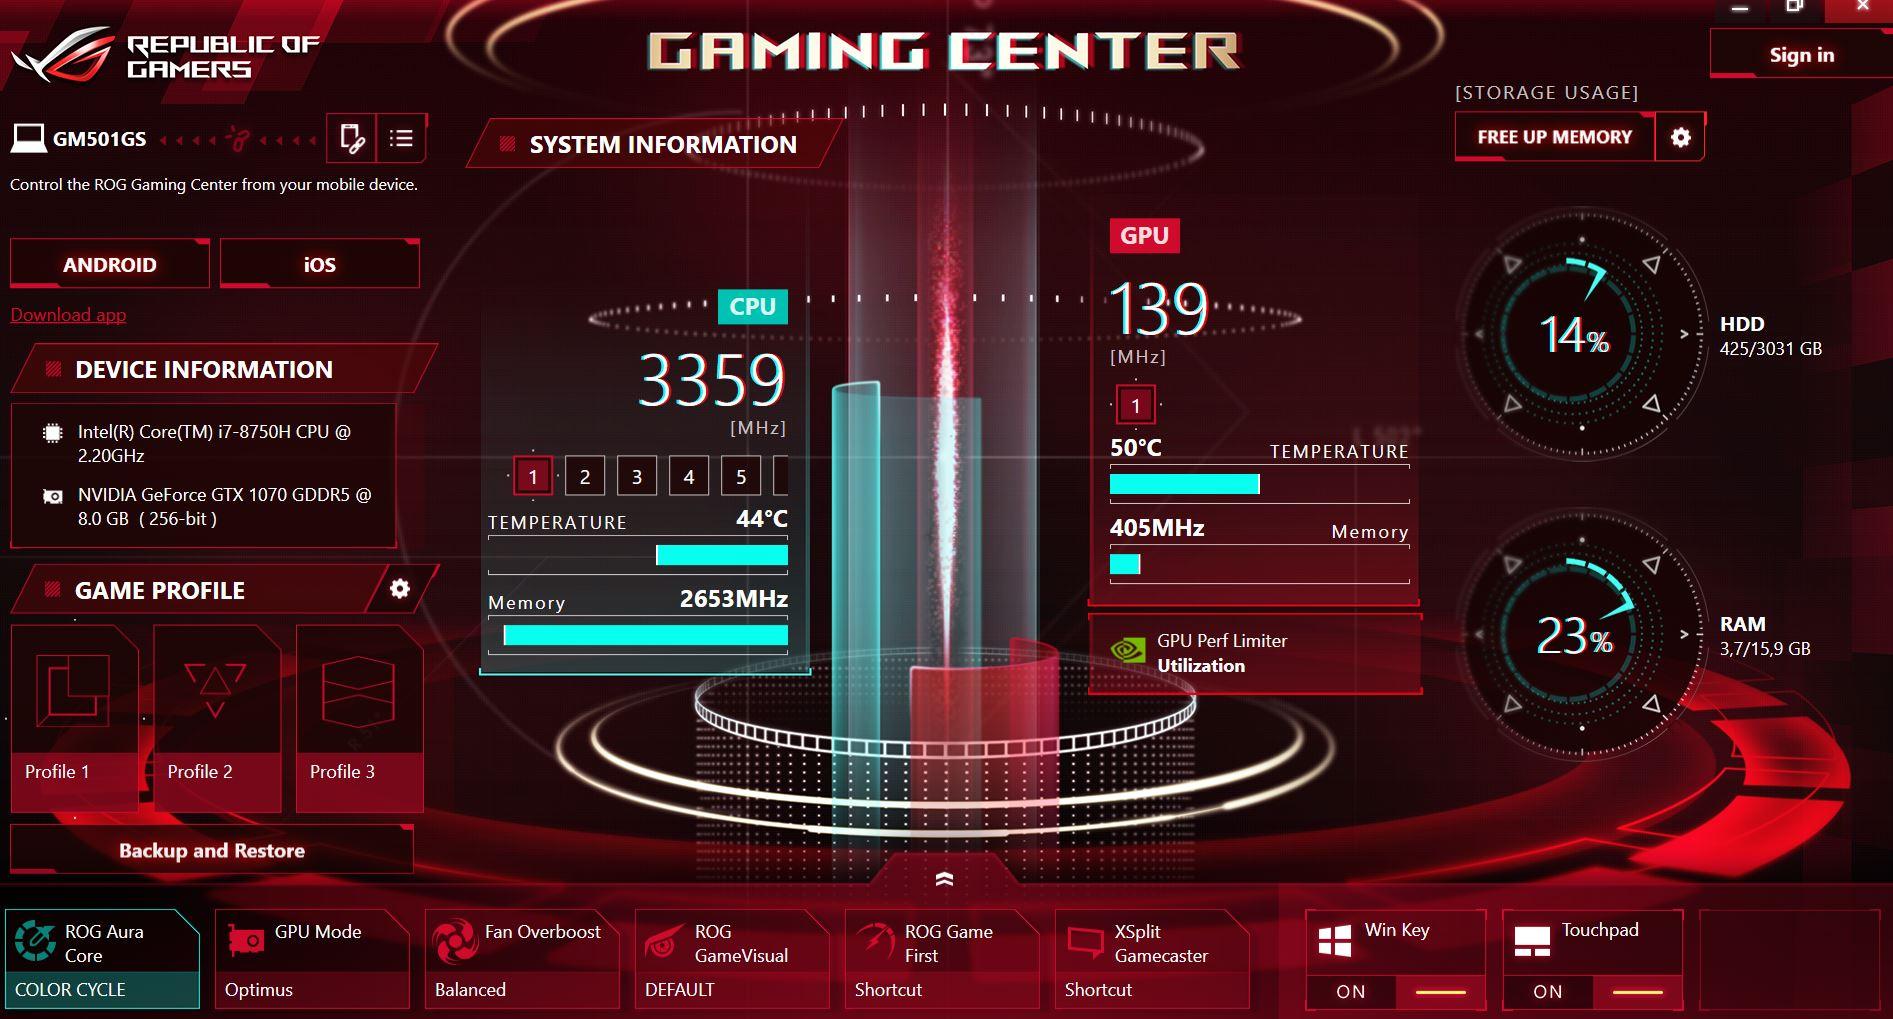 Software lain seperti ASUS ROG Gaming Center sebagai pusat kendali fitur dan performa laptop ASUS ROG